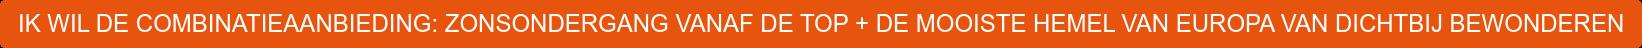 IK WIL DE COMBINATIEAANBIEDING: ZONSONDERGANG VANAF DE TOP + DE MOOISTE HEMEL  VAN EUROPA VAN DICHTBIJ BEWONDEREN